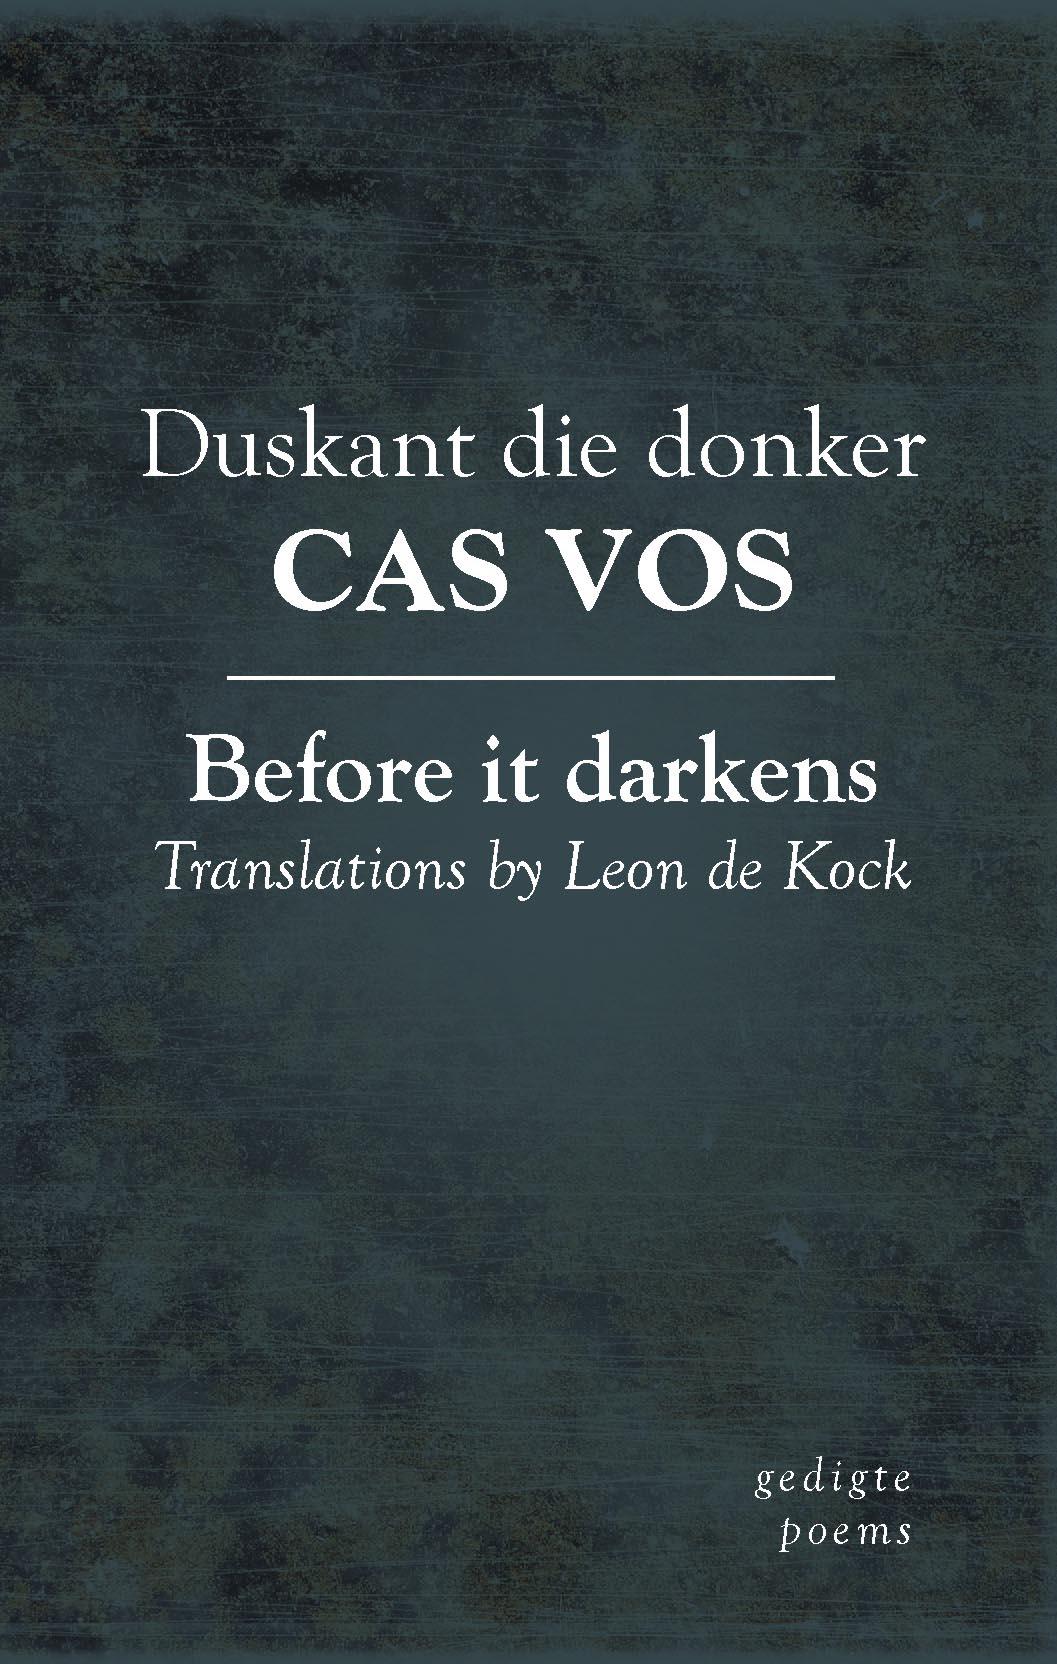 Duskant die donker/Before it darkens